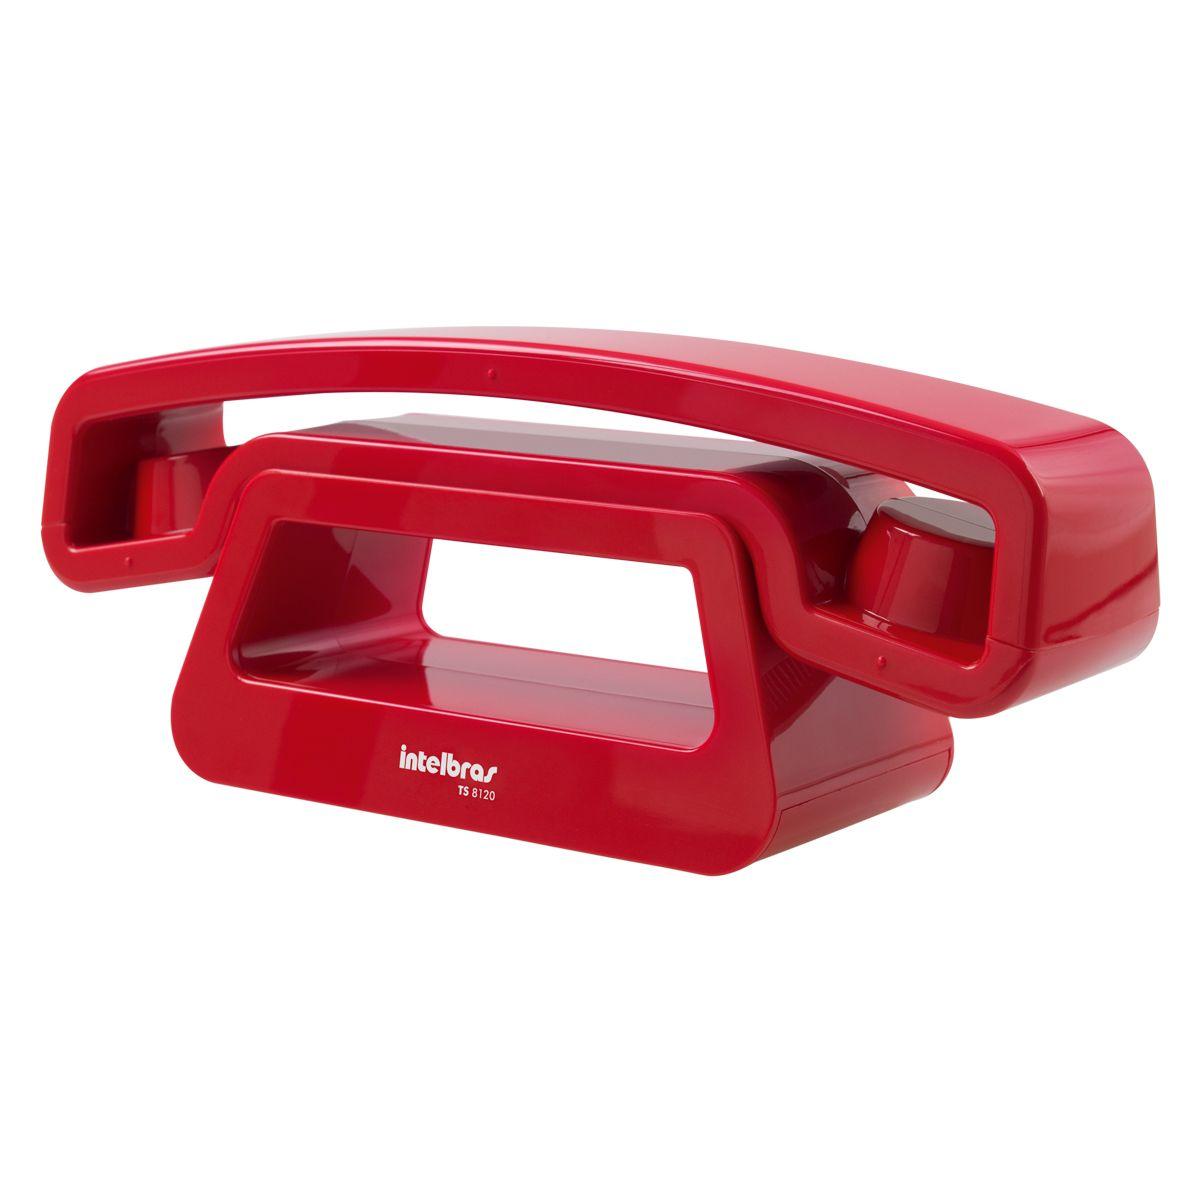 Telefone Intelbras sem fio TS 8120 - Hope Tech Telecomunicações